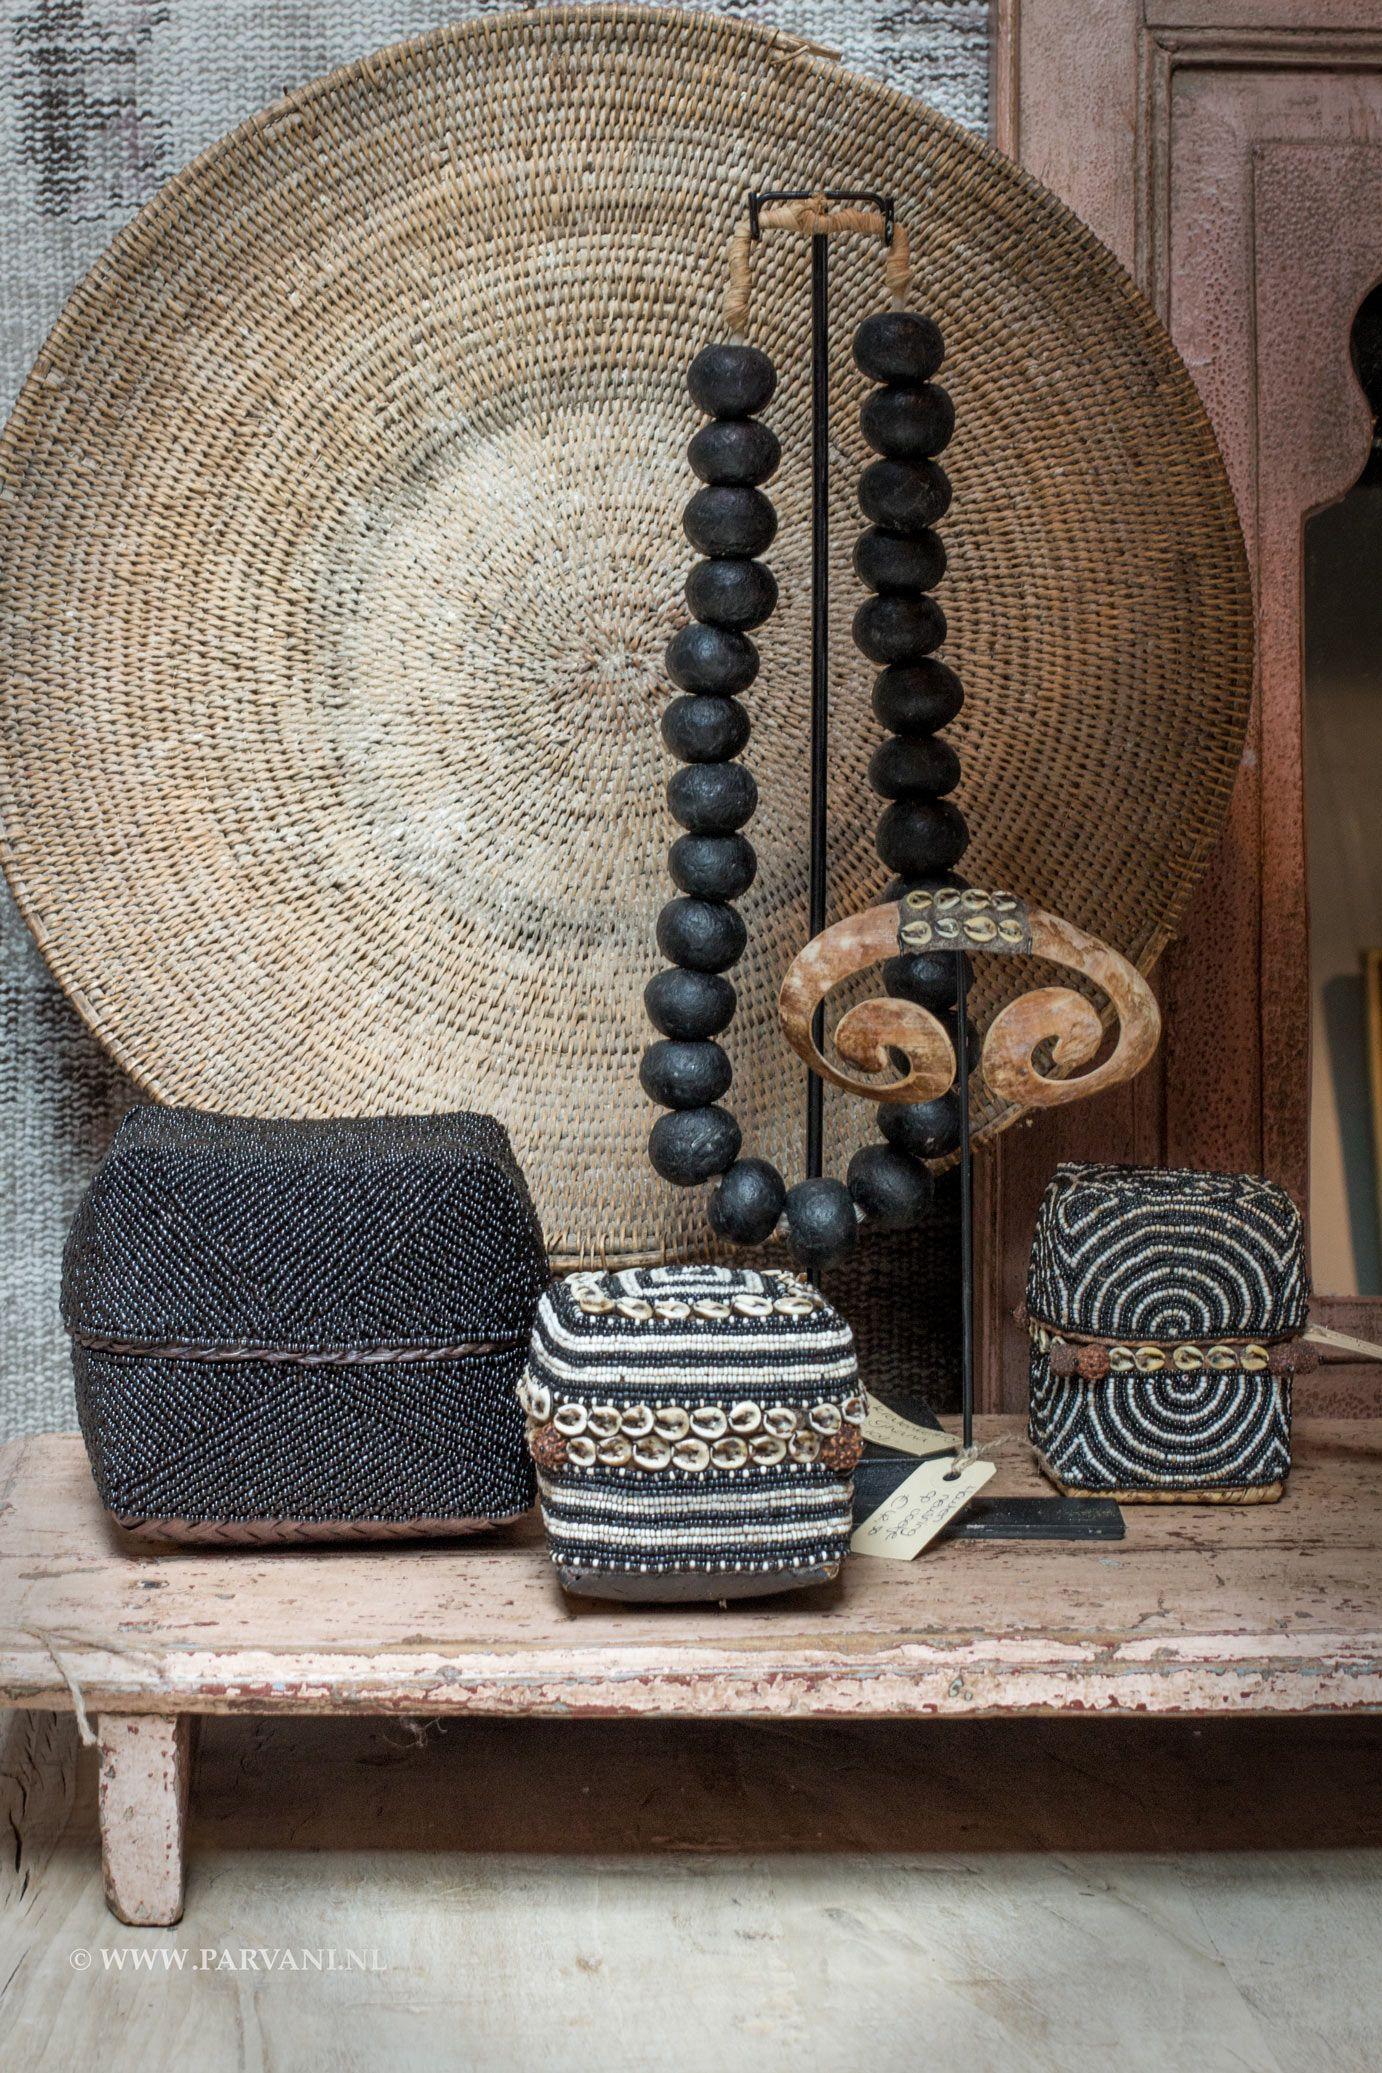 Parvani Ketting Op Standaard Kralen Mandjes Spiegel India Stijl Voor Huisinrichting Afrikaanse Interieur Woonkamer Decoratie